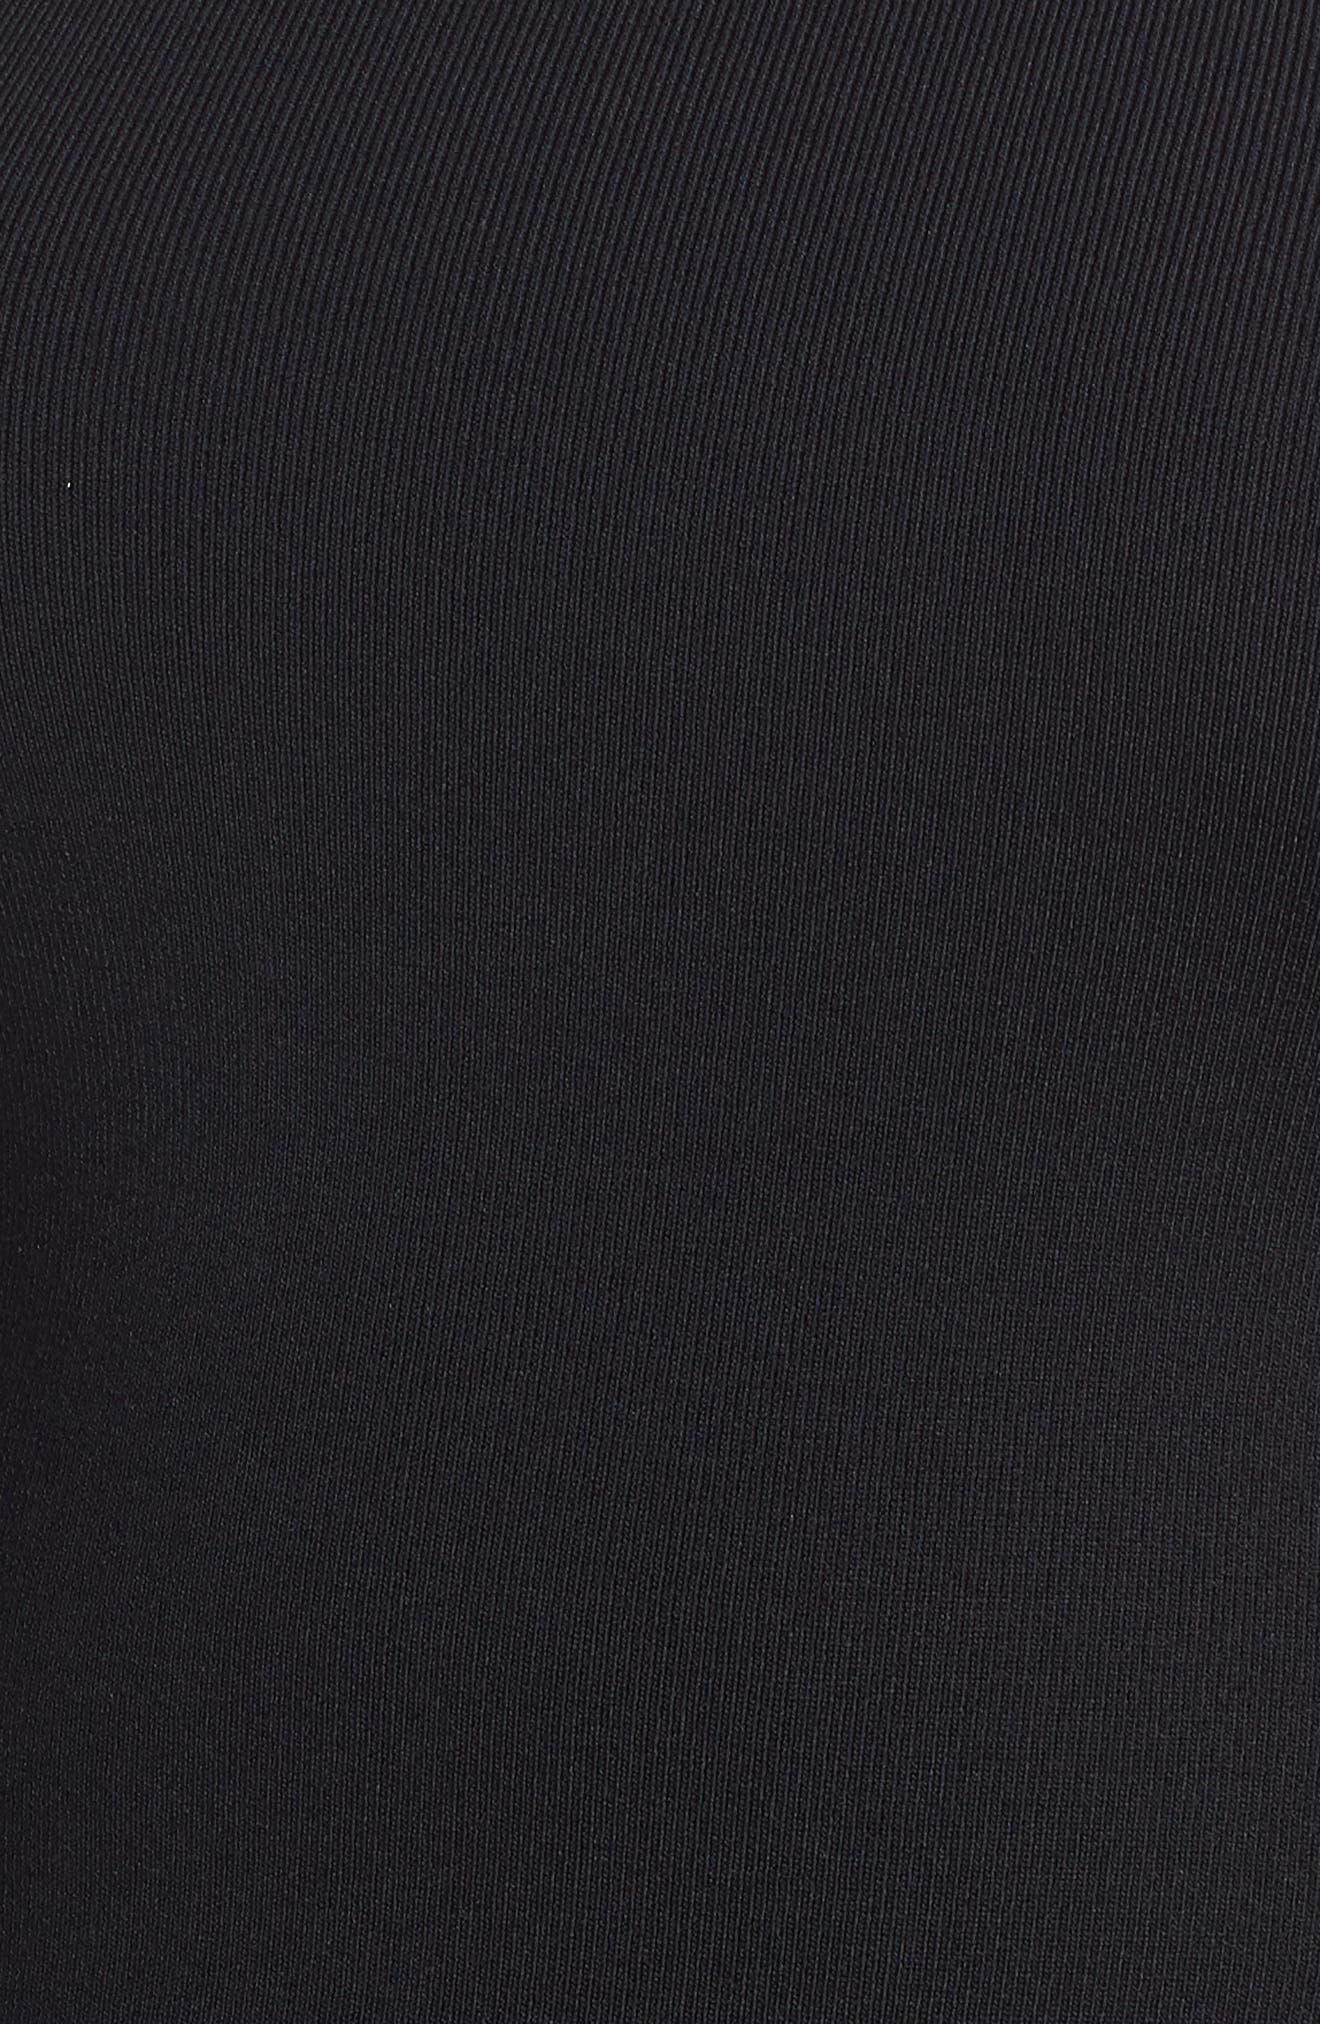 Mesh Stripe Sheath Dress,                             Alternate thumbnail 6, color,                             BLACK